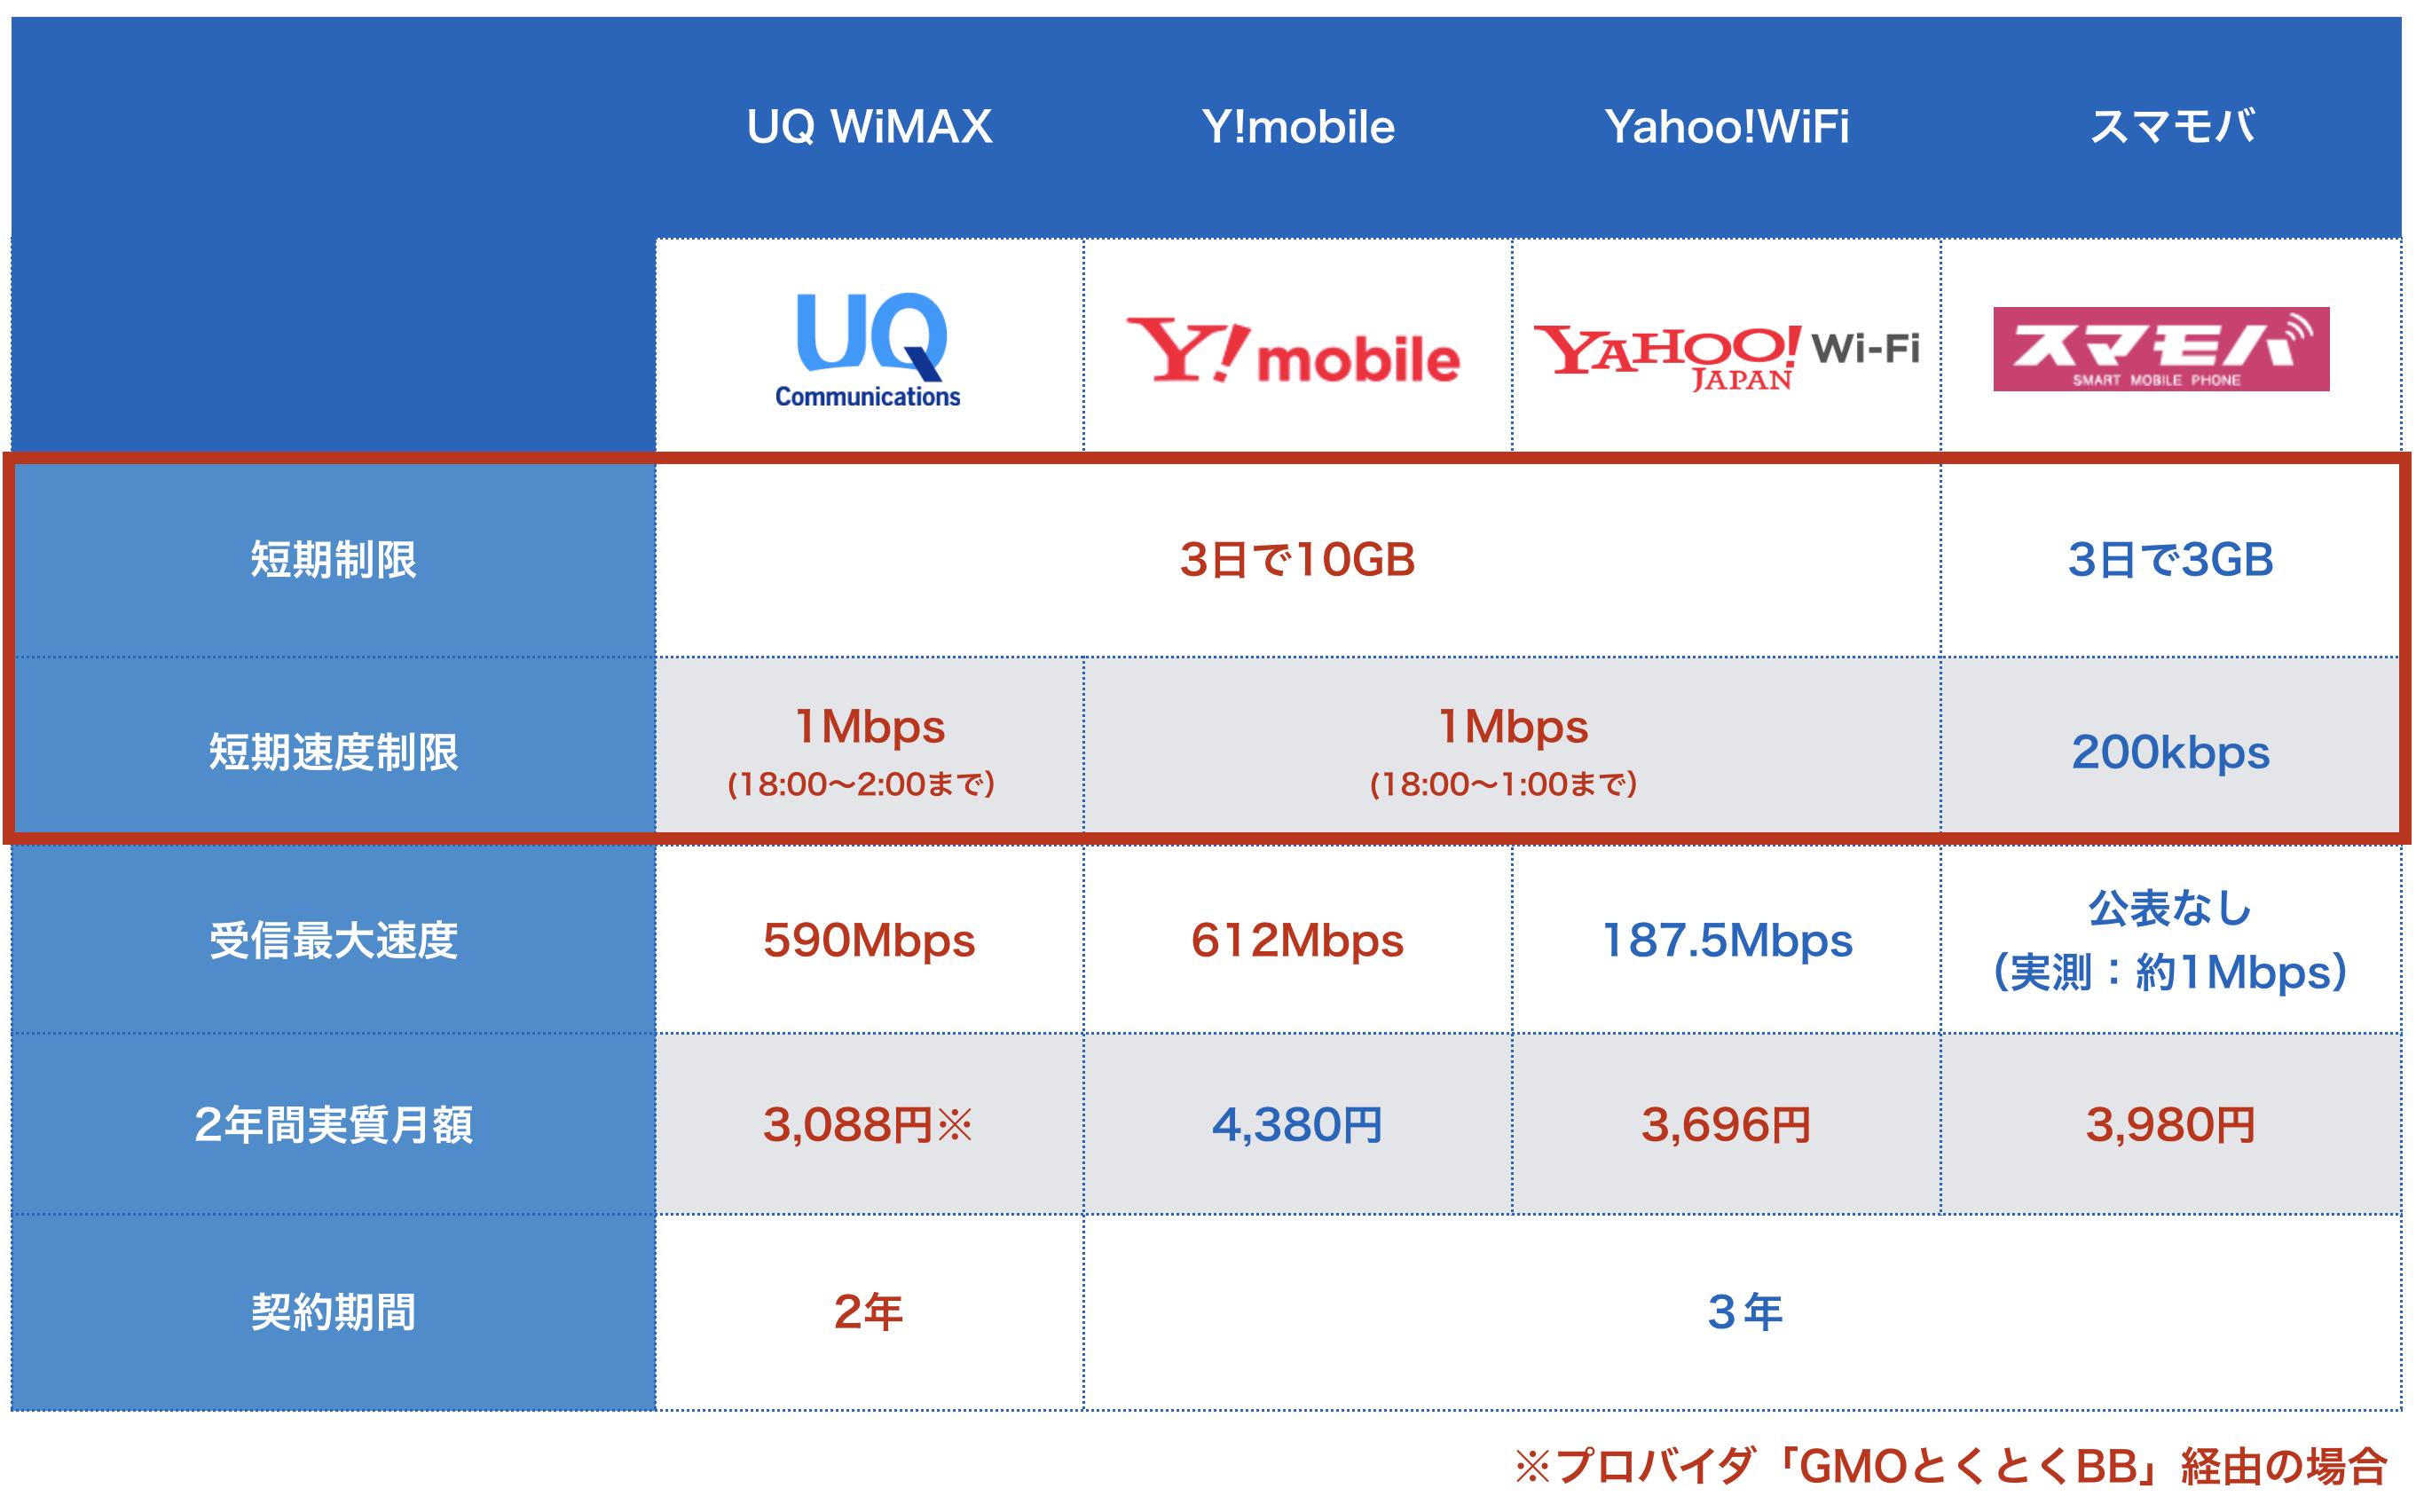 通信速度制限条件比較